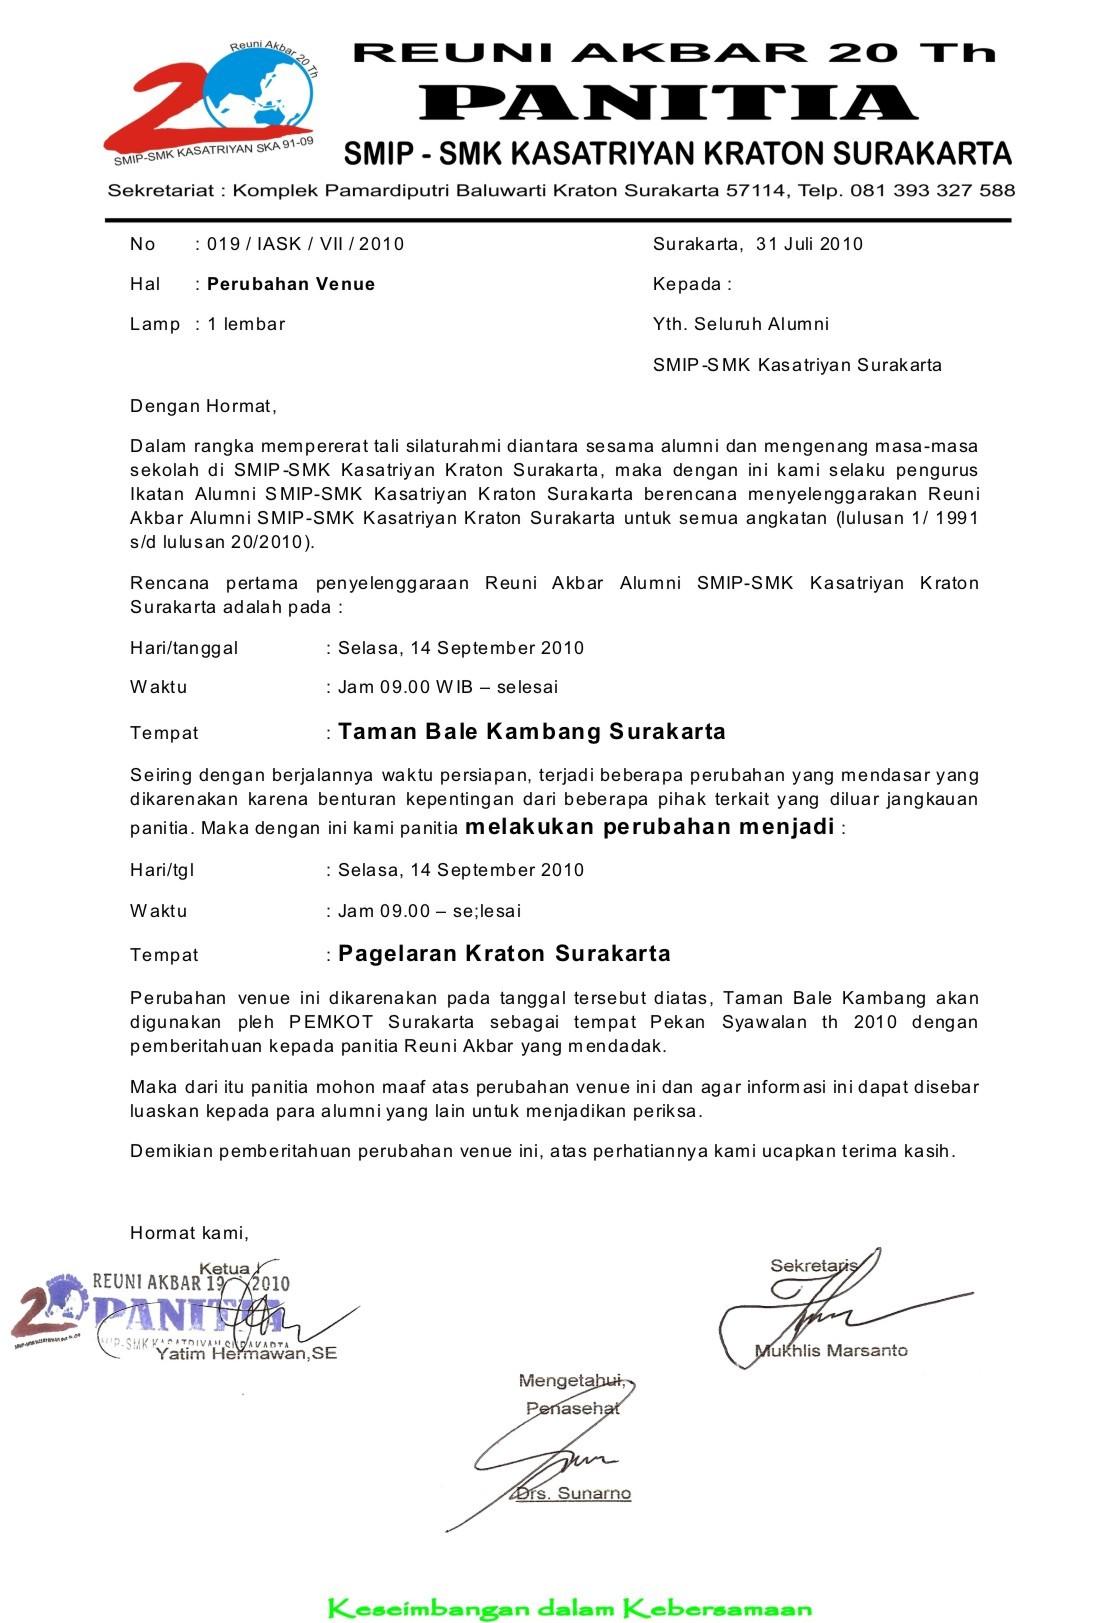 Tempat Reuni Akbar Pindah Ya Catatan Alumni Smip Kasatriyan